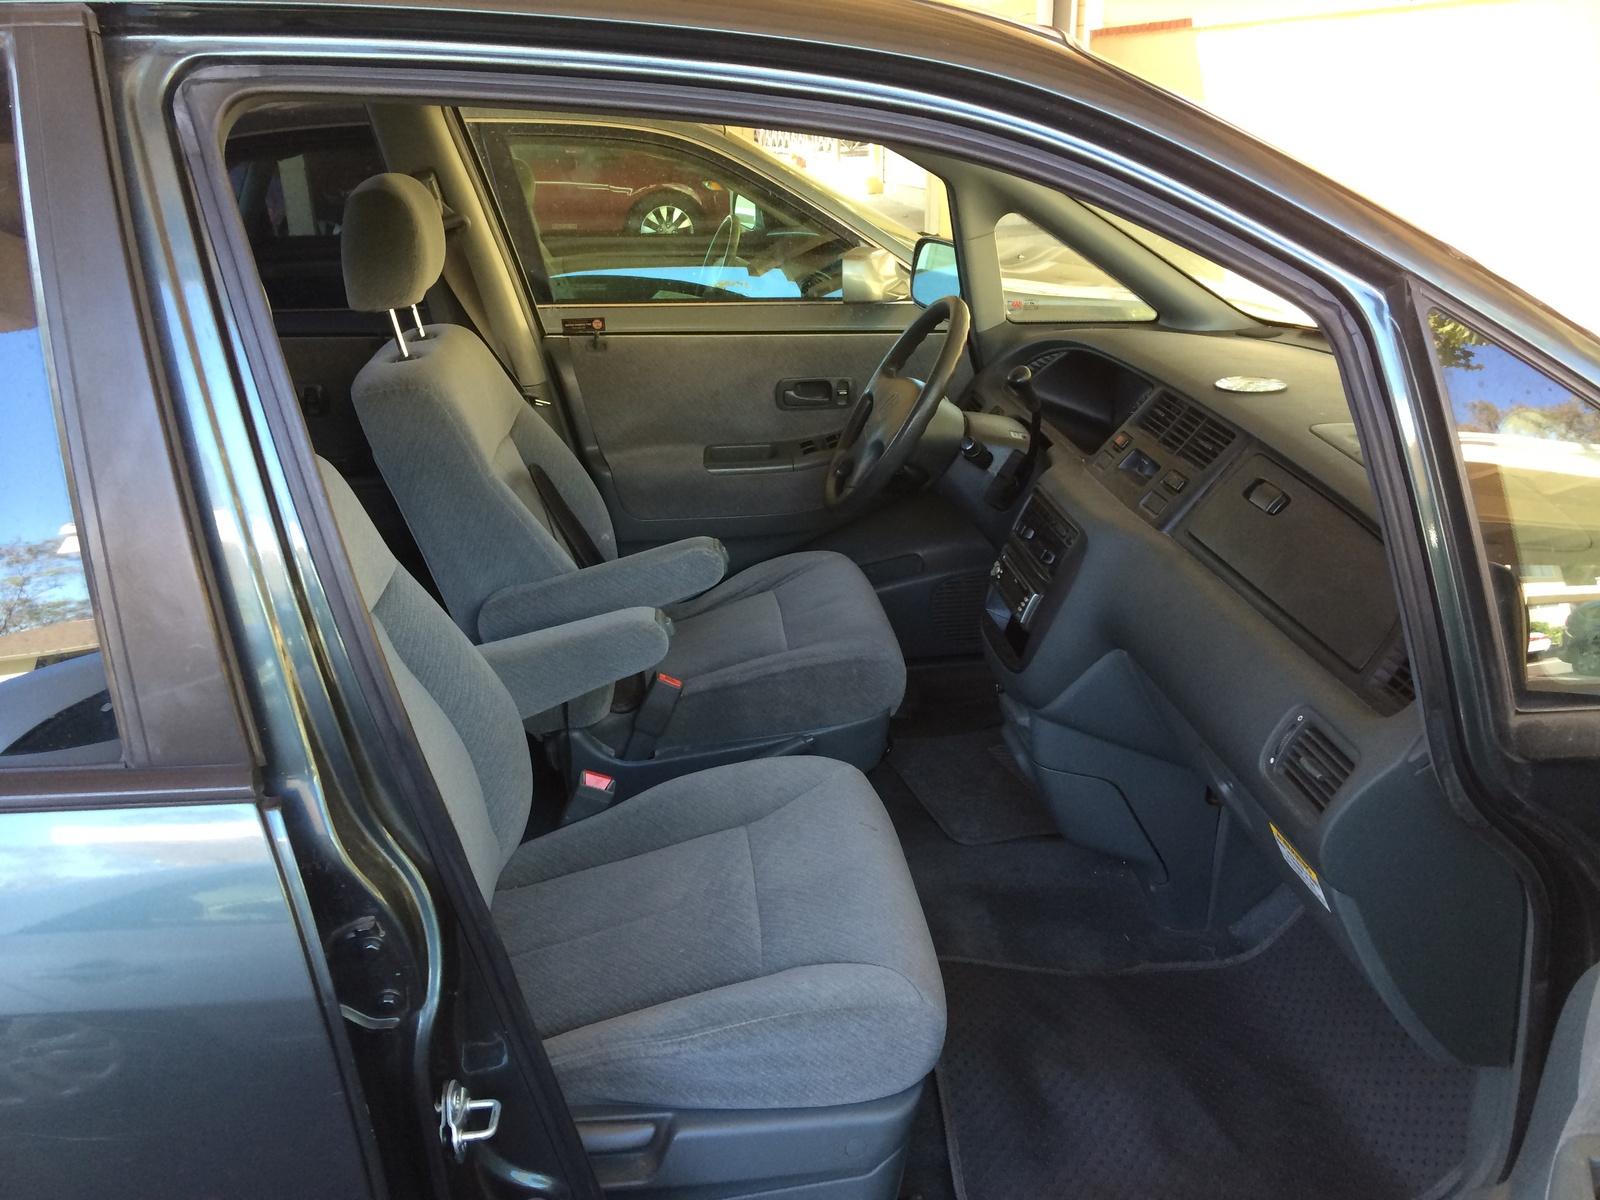 1998 Honda Odyssey Interior Pictures Cargurus